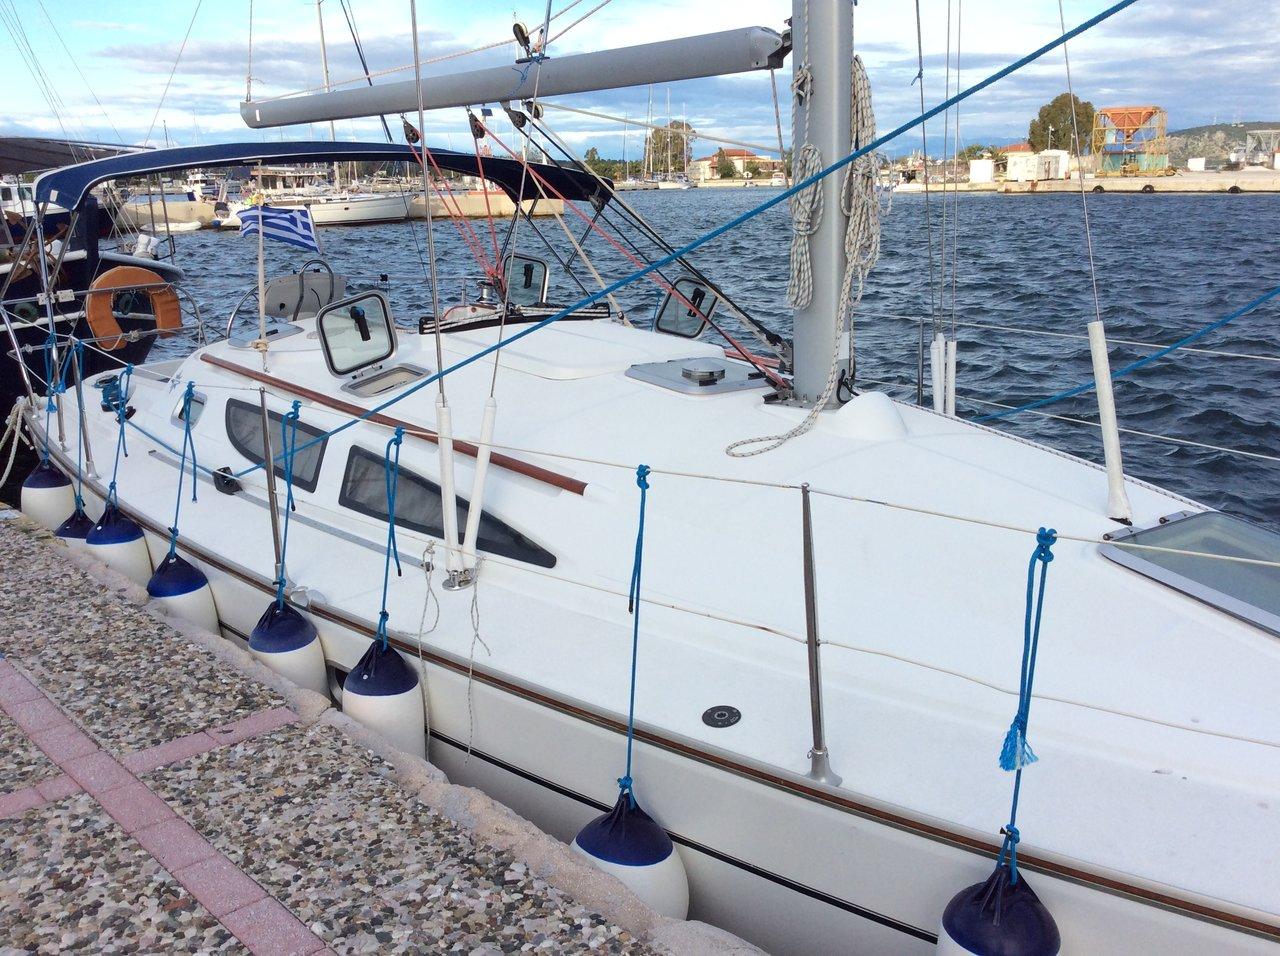 Sun Odyssey 35 - La Isla Bonita